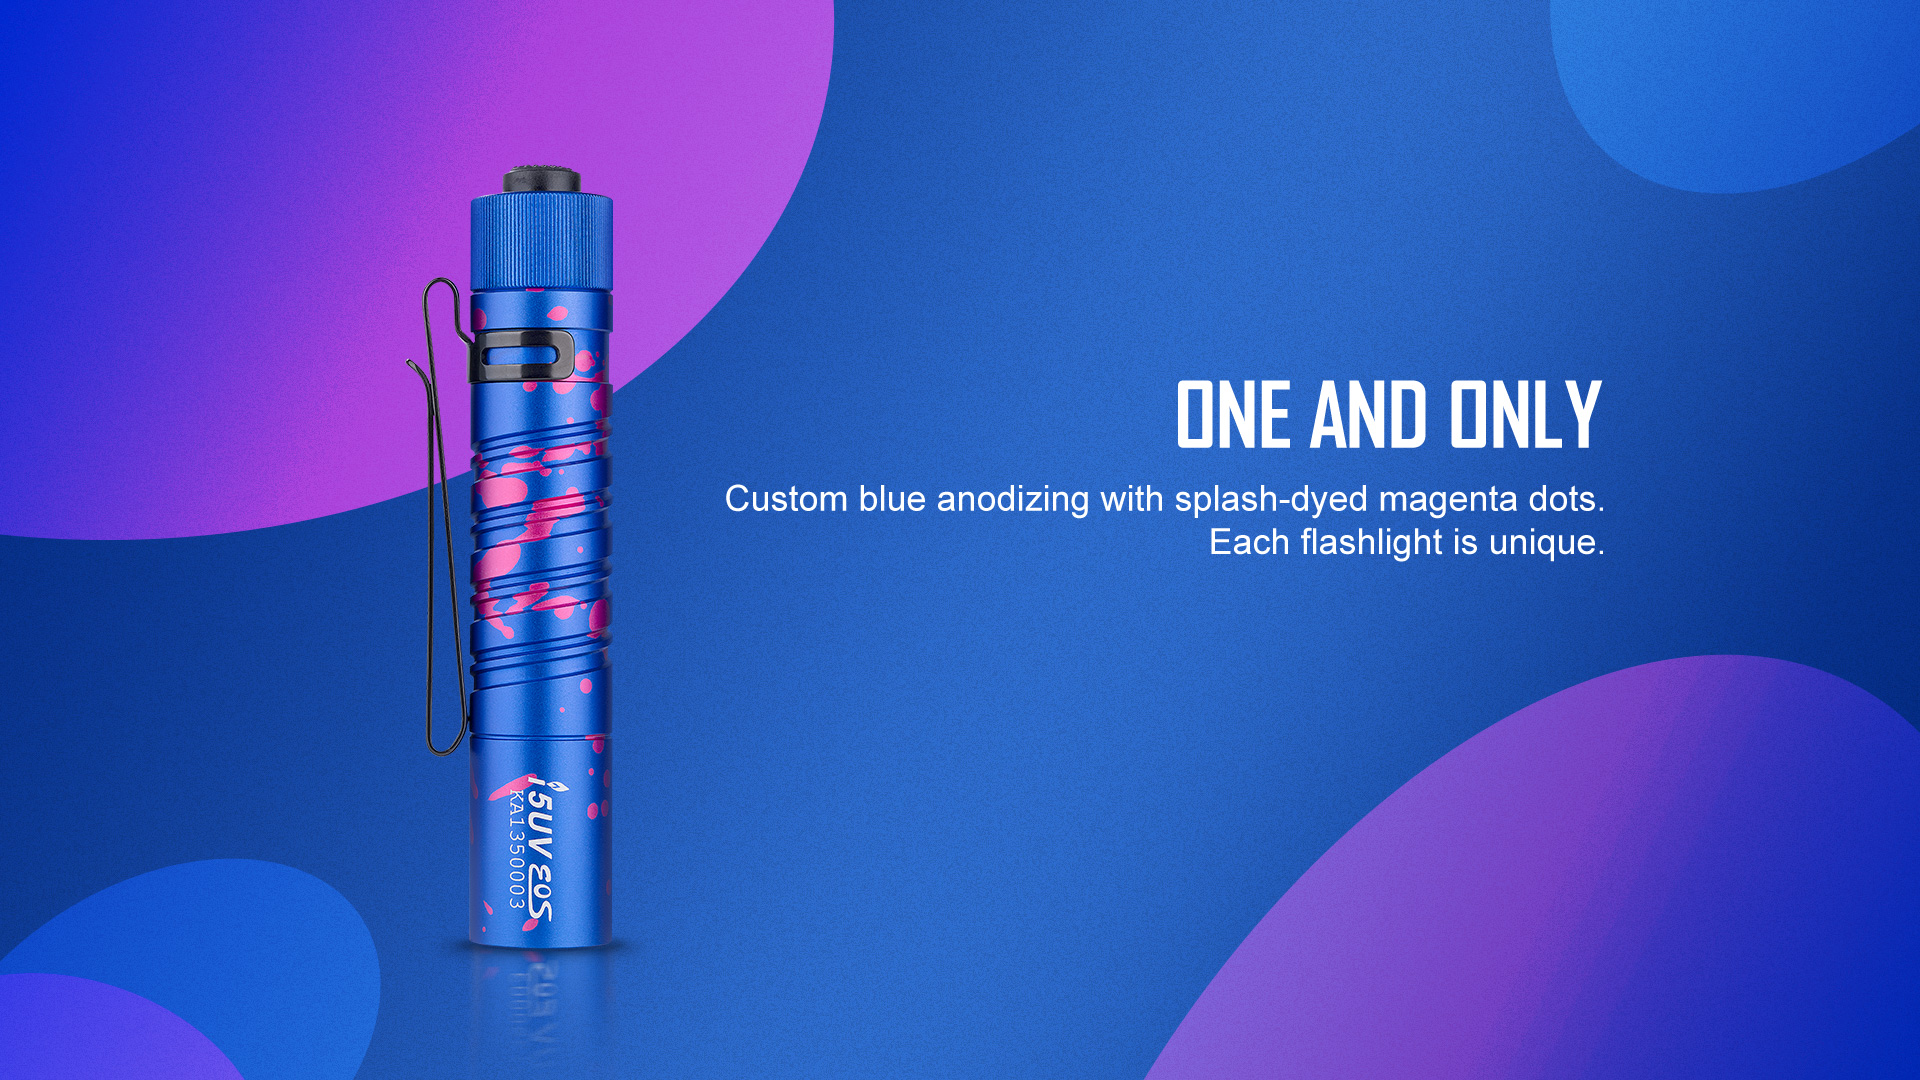 Uniquely designed i5 UV EOS